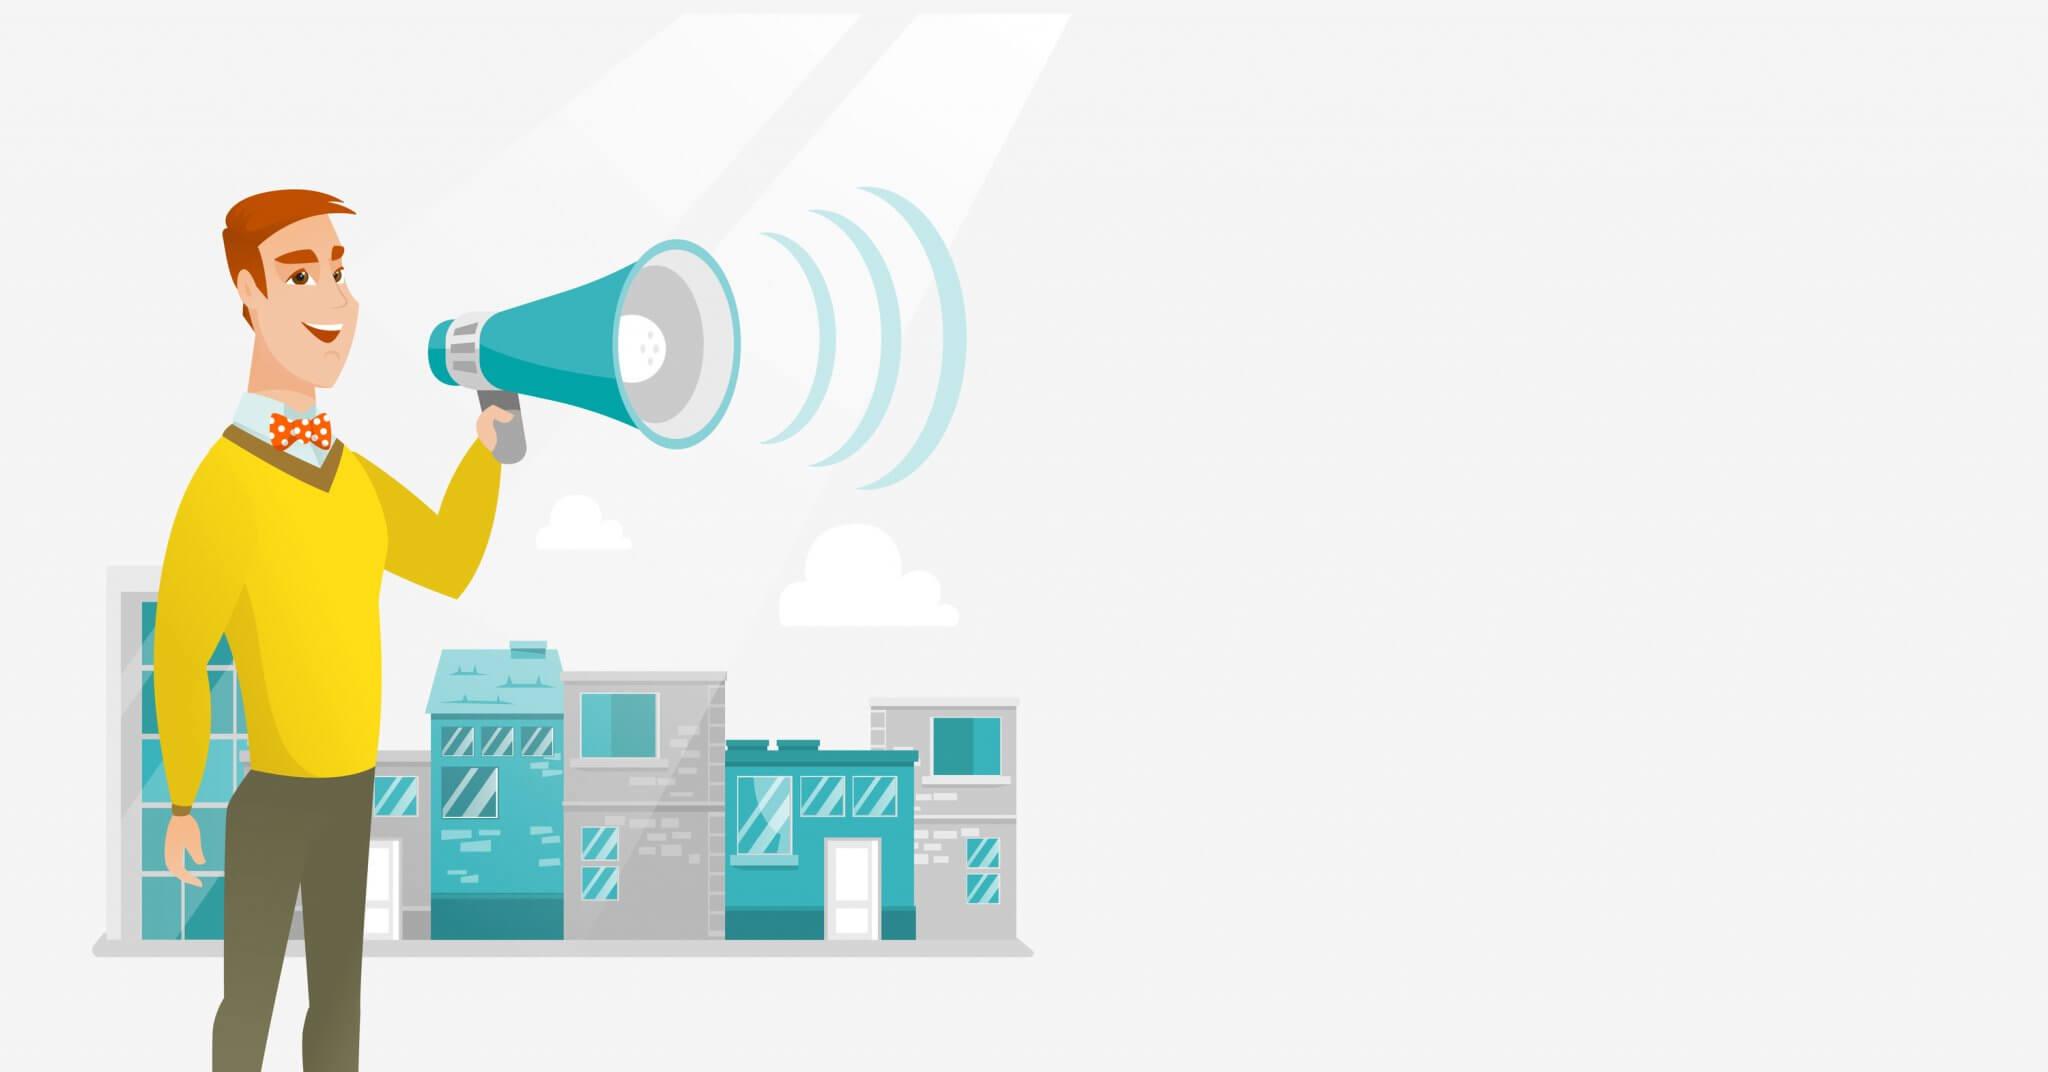 בניית אתרי וורדפרס לעסקים